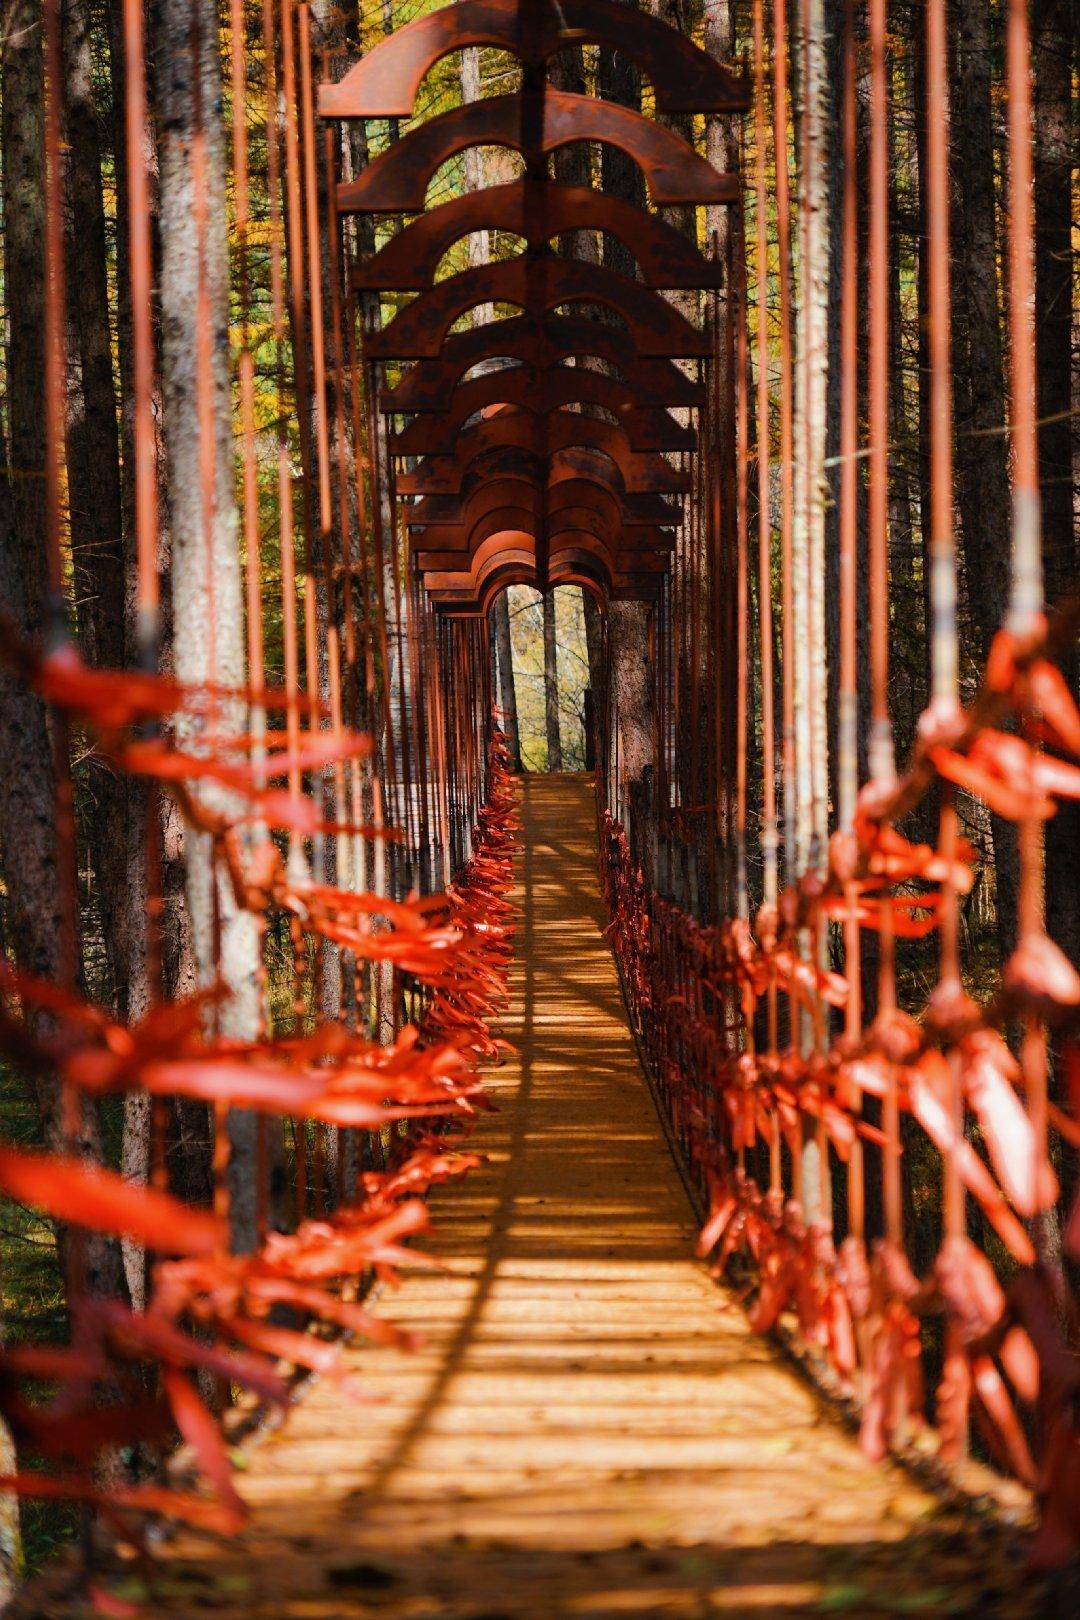 秋天的色彩斑斓是让人喜欢这个季节的众多原因之一,不管是红色